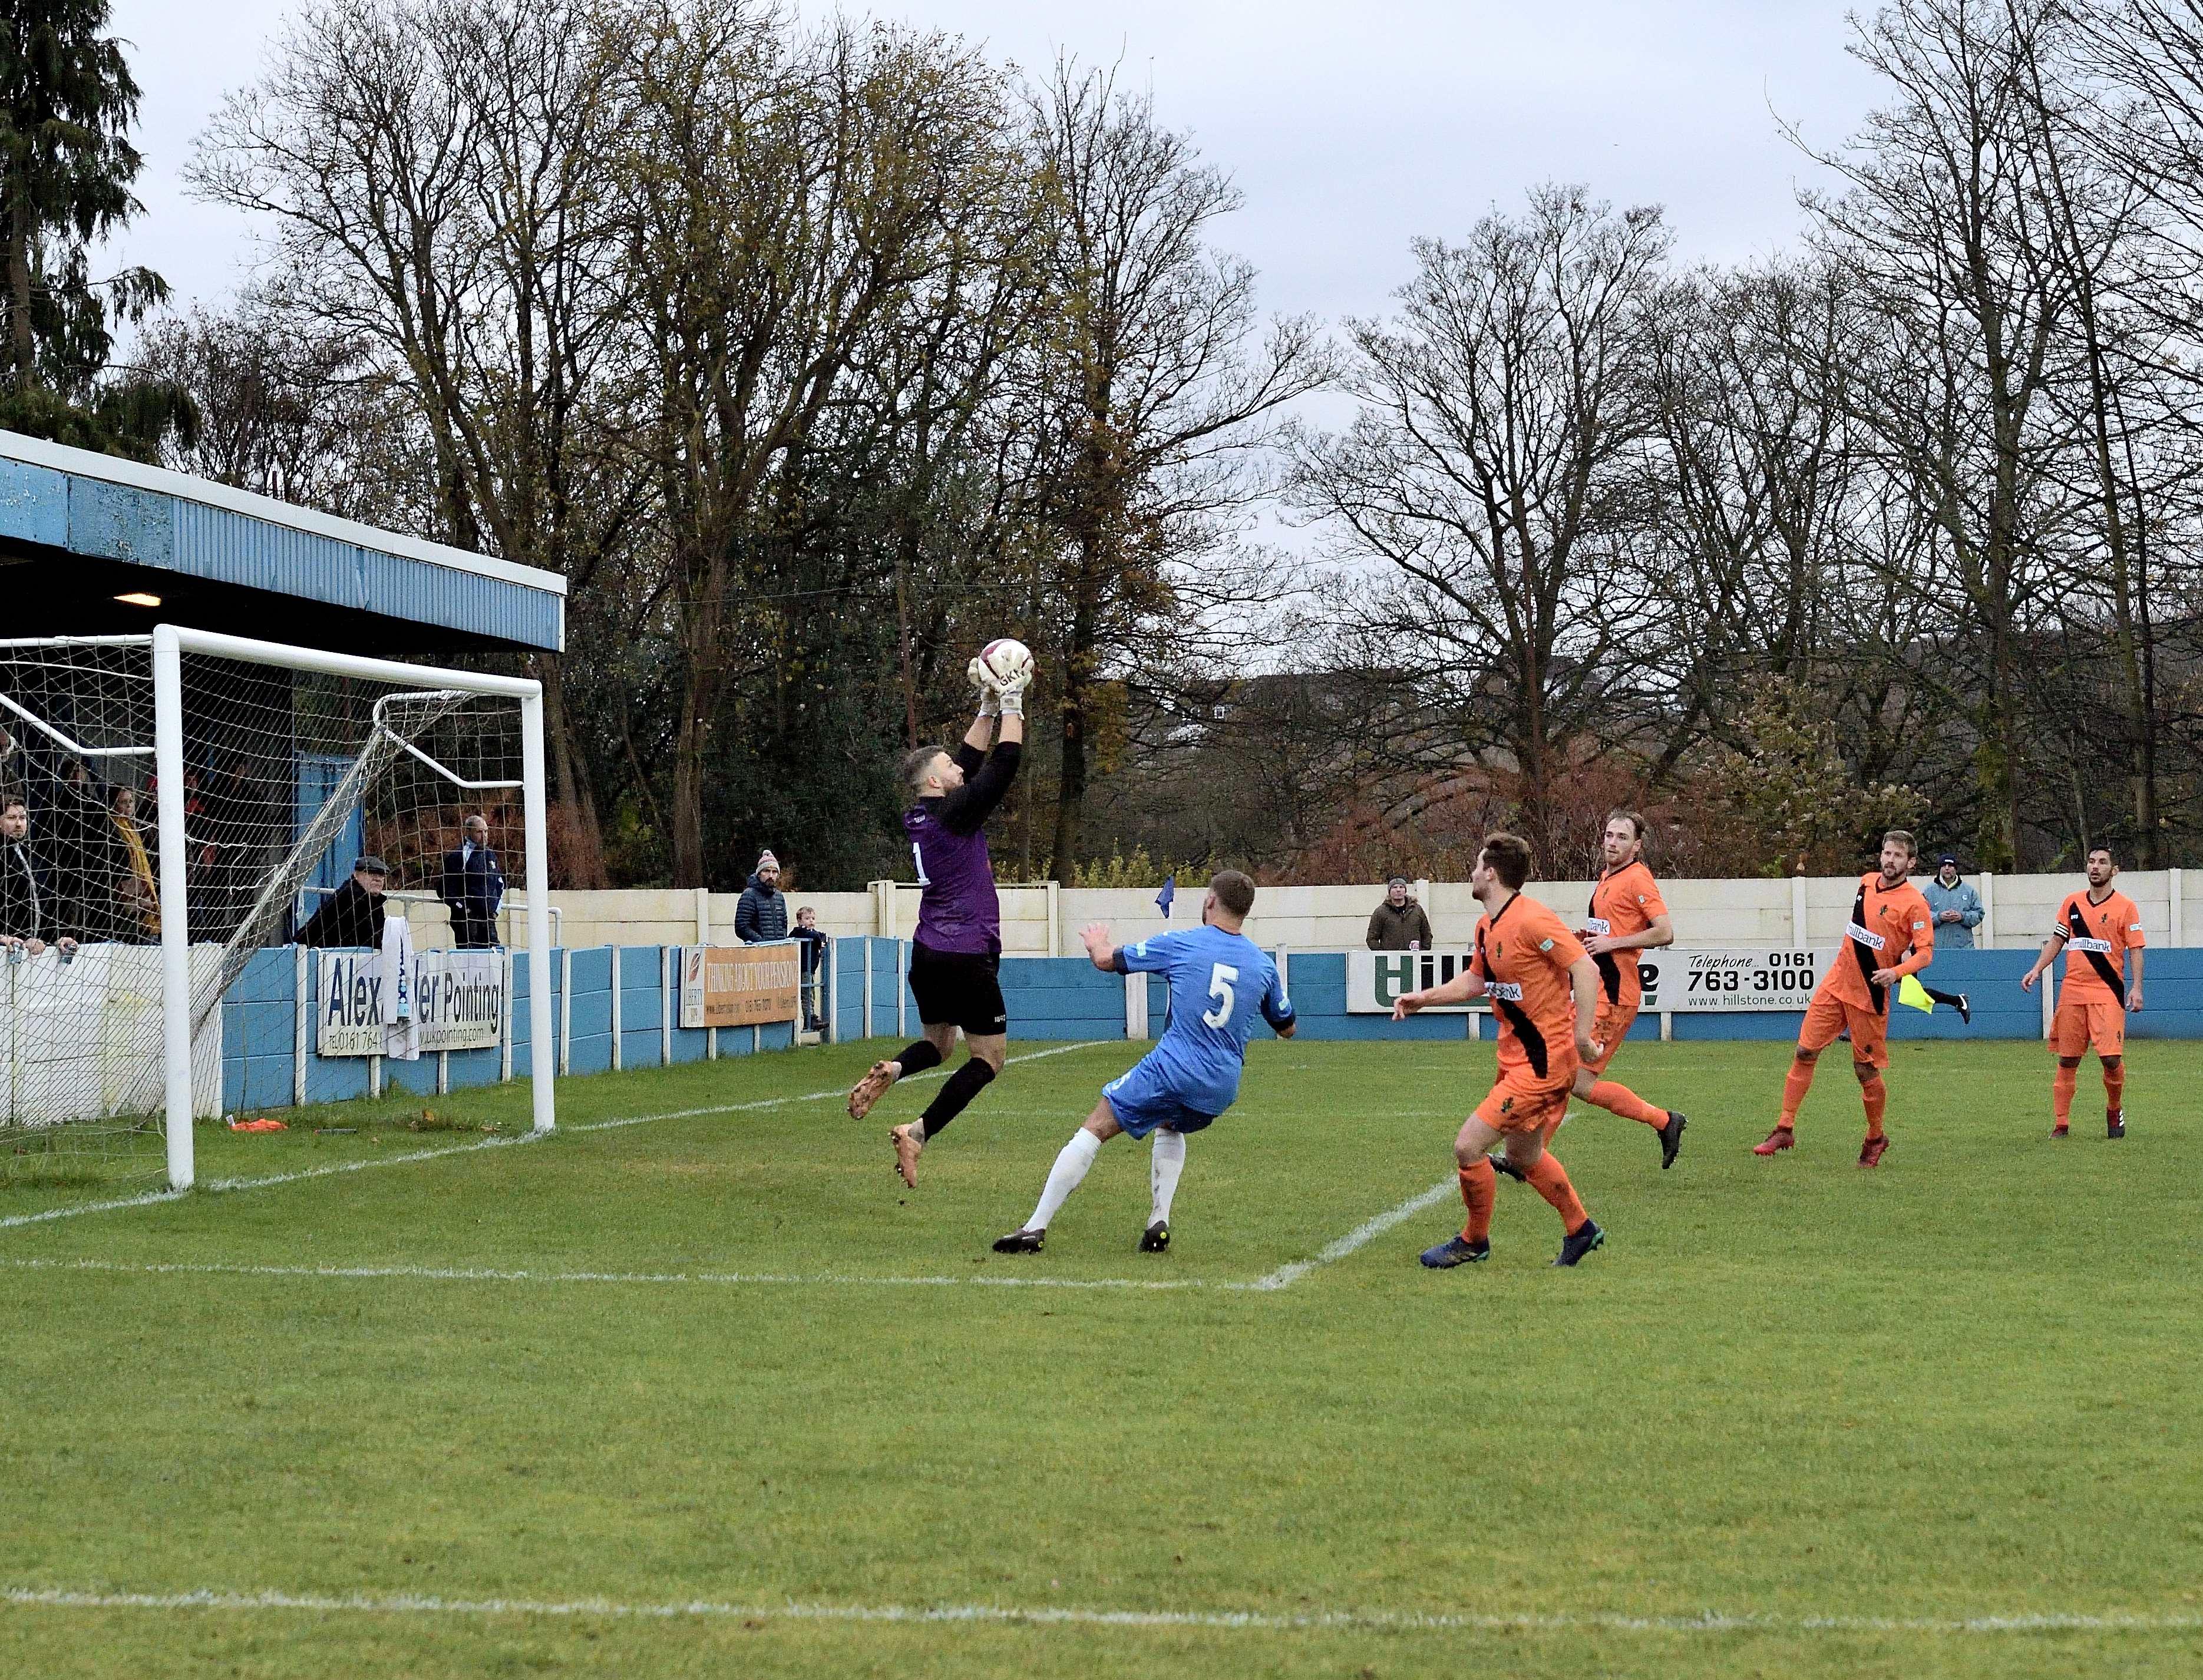 Rams 1 Runcorn Linnets 1 - Match Action